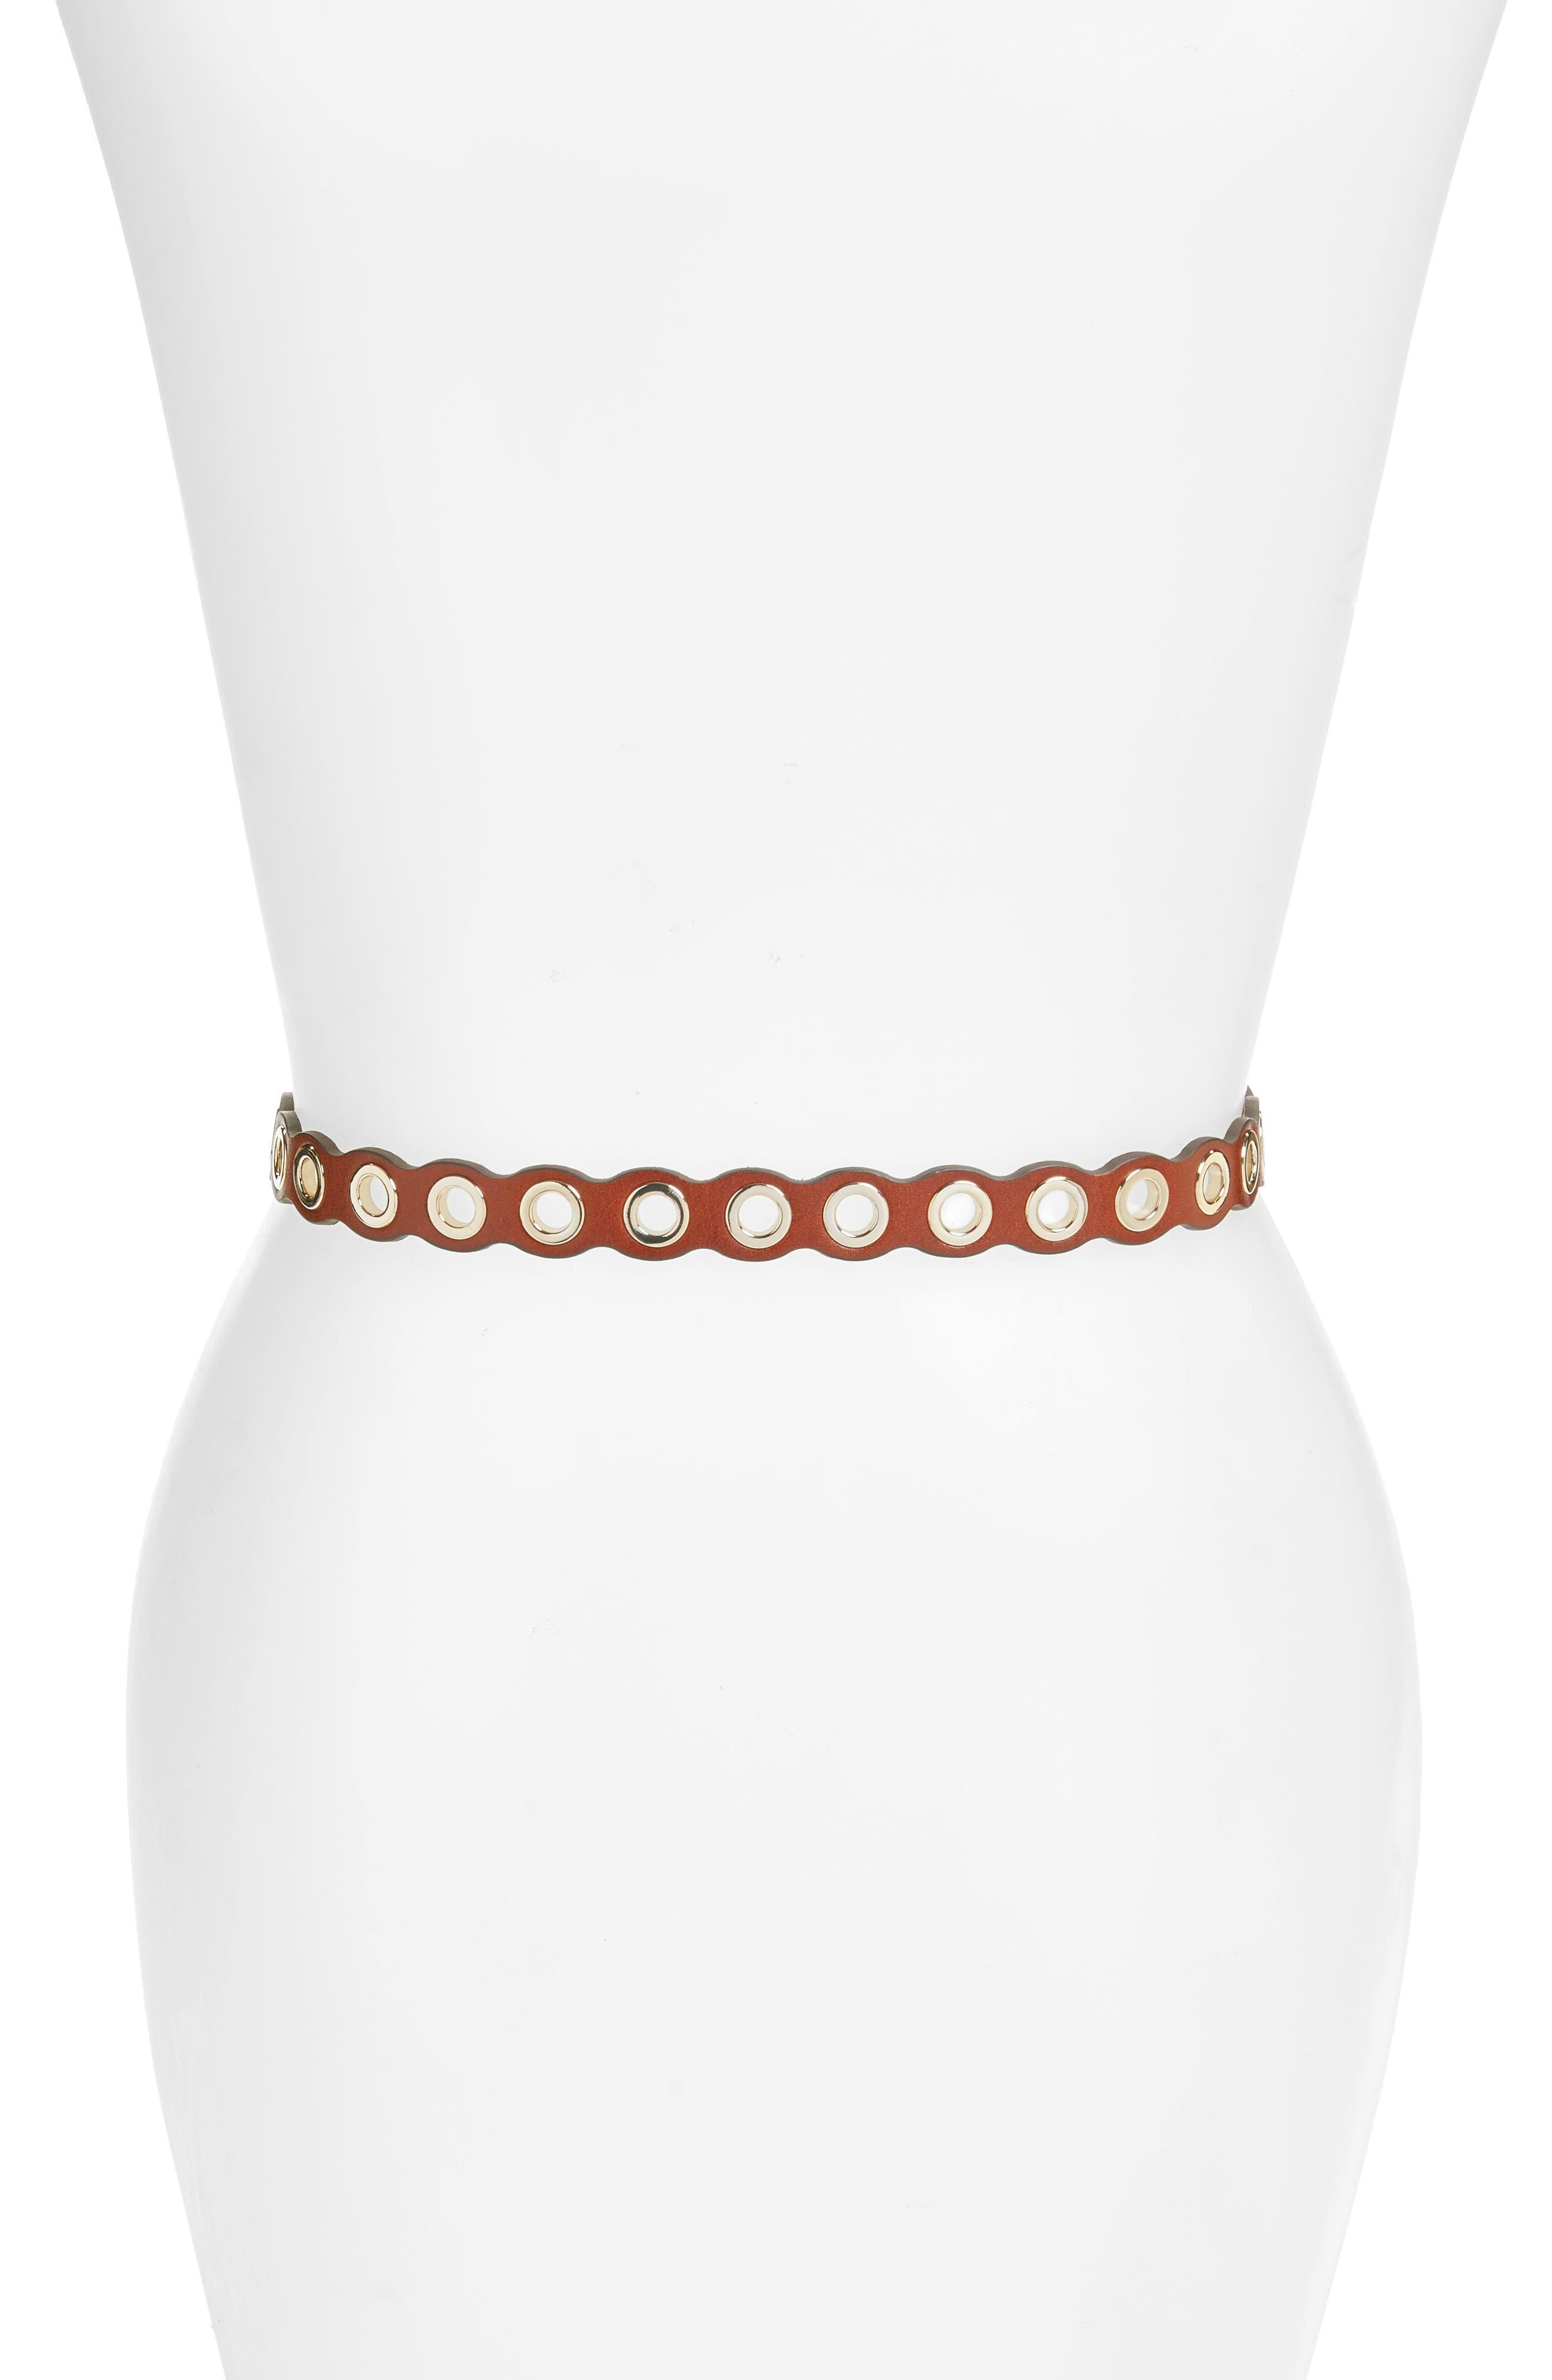 Rebeccca Minkoff Scalloped Grommet Belt,                             Alternate thumbnail 6, color,